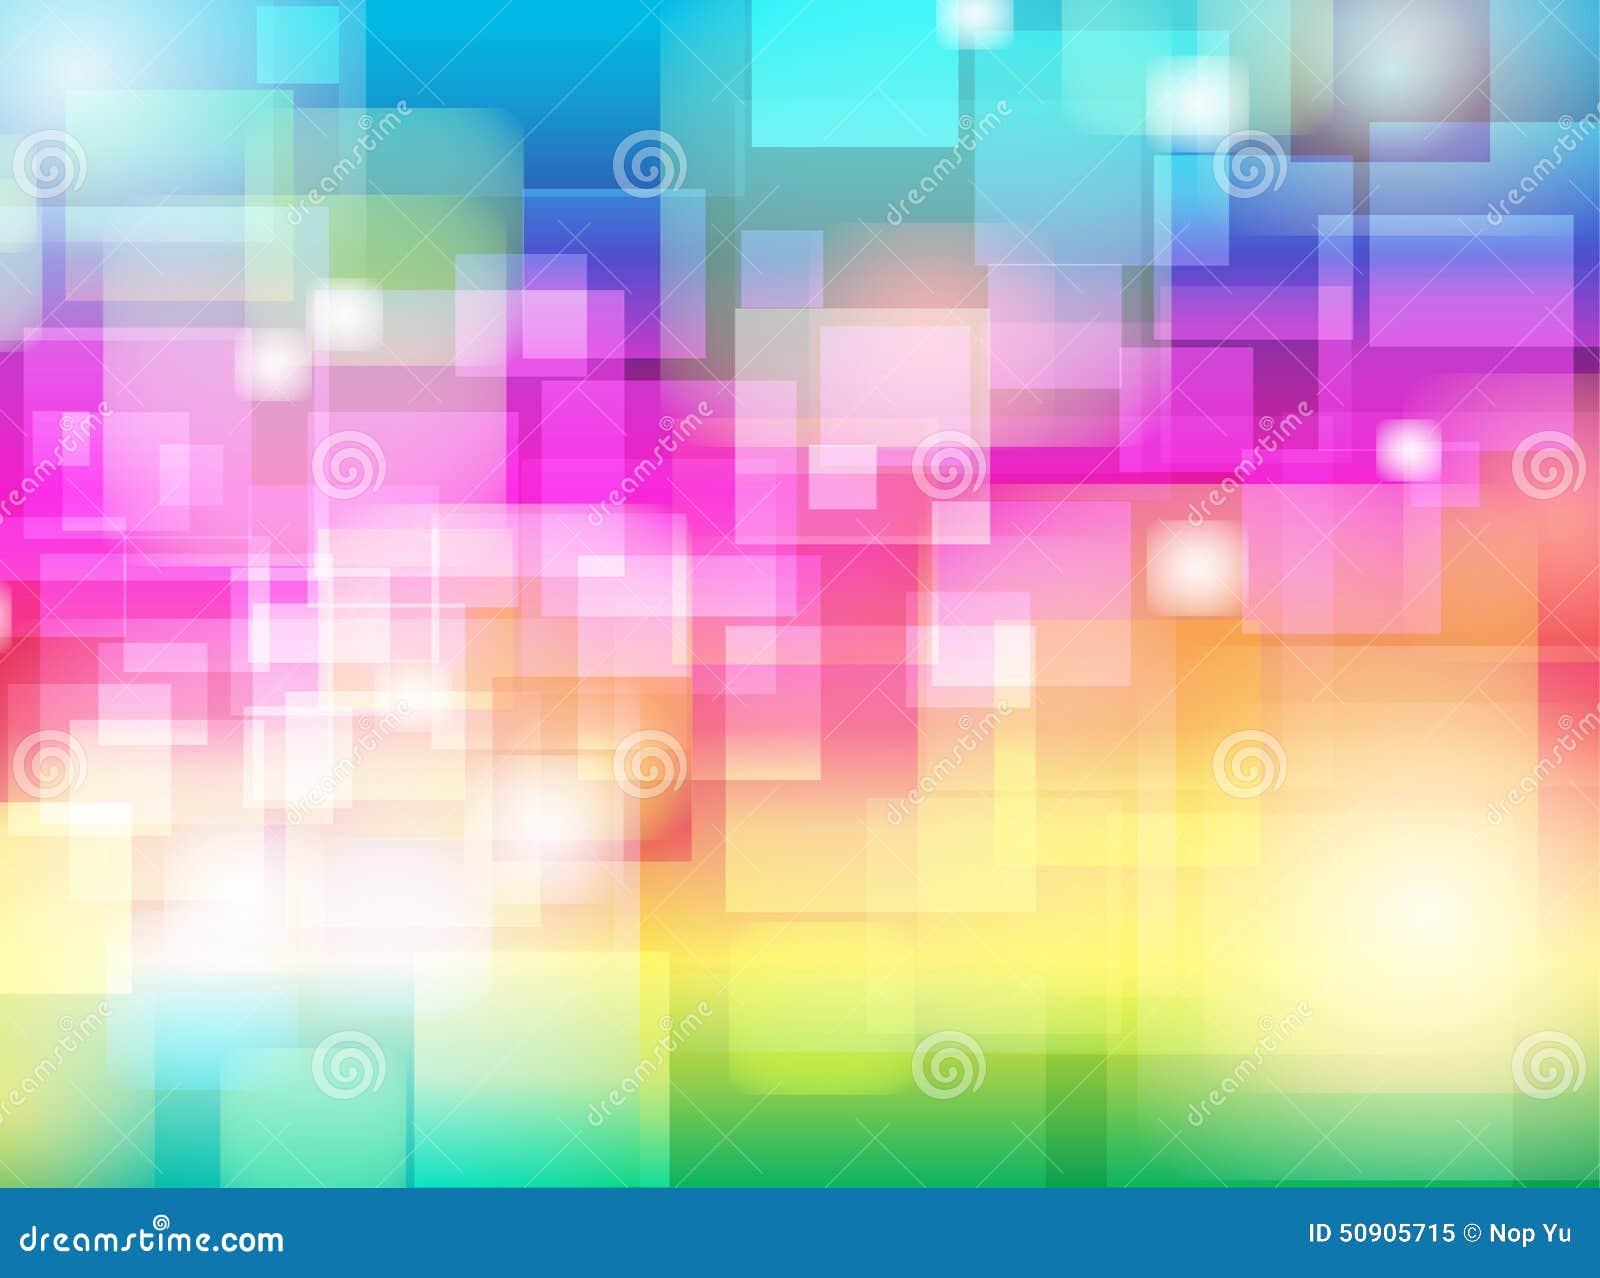 Abstract Kleurrijk van Onduidelijk beeldbokeh Ontwerp als achtergrond